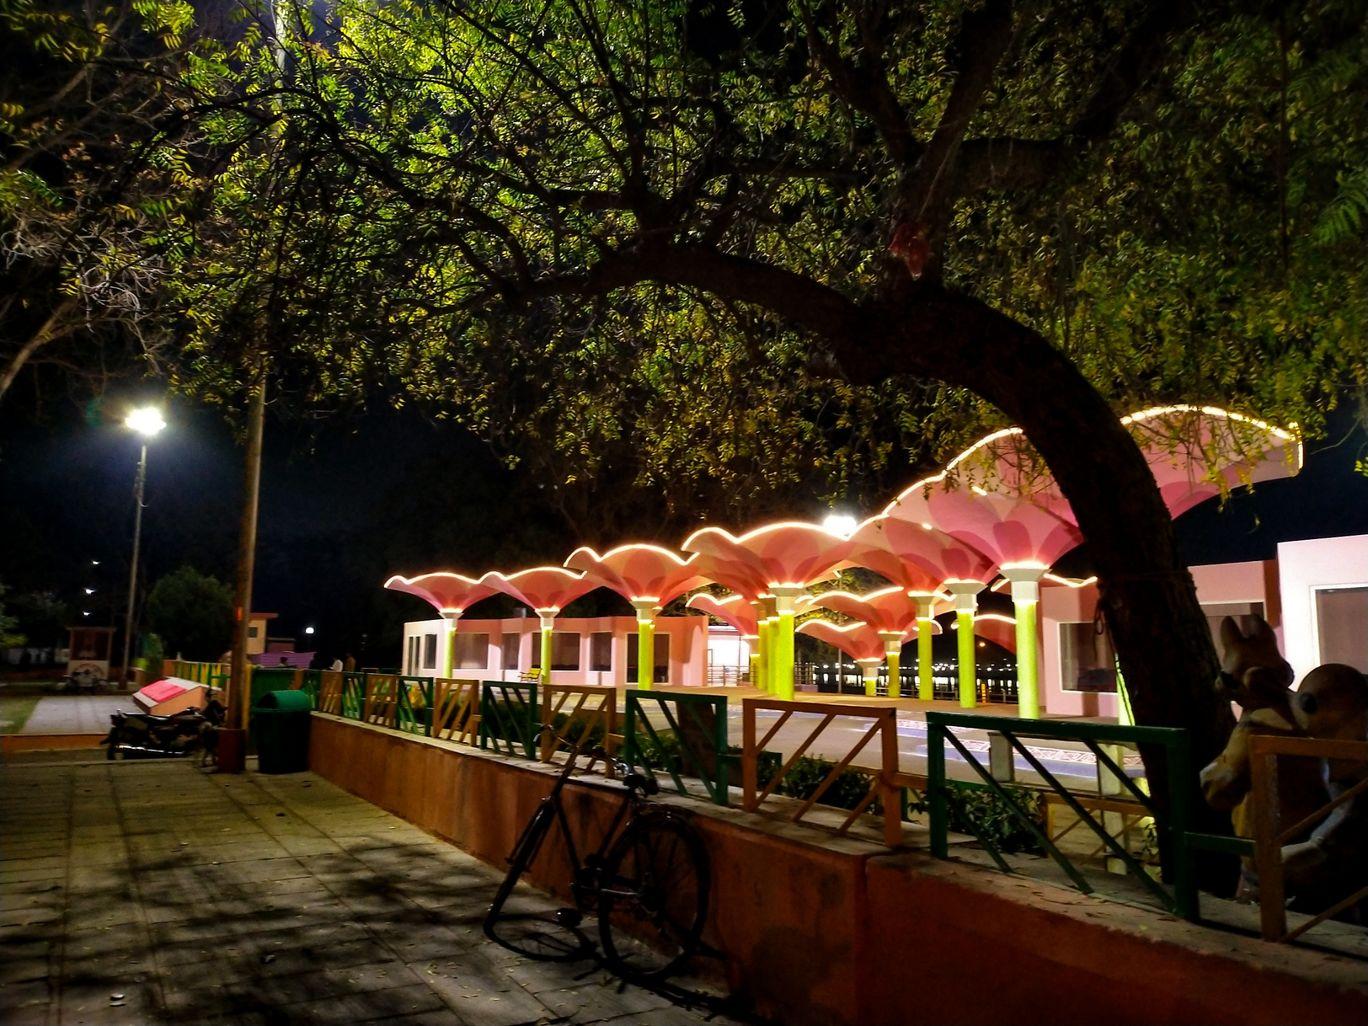 Photo of Prayagraj By piyush sharma